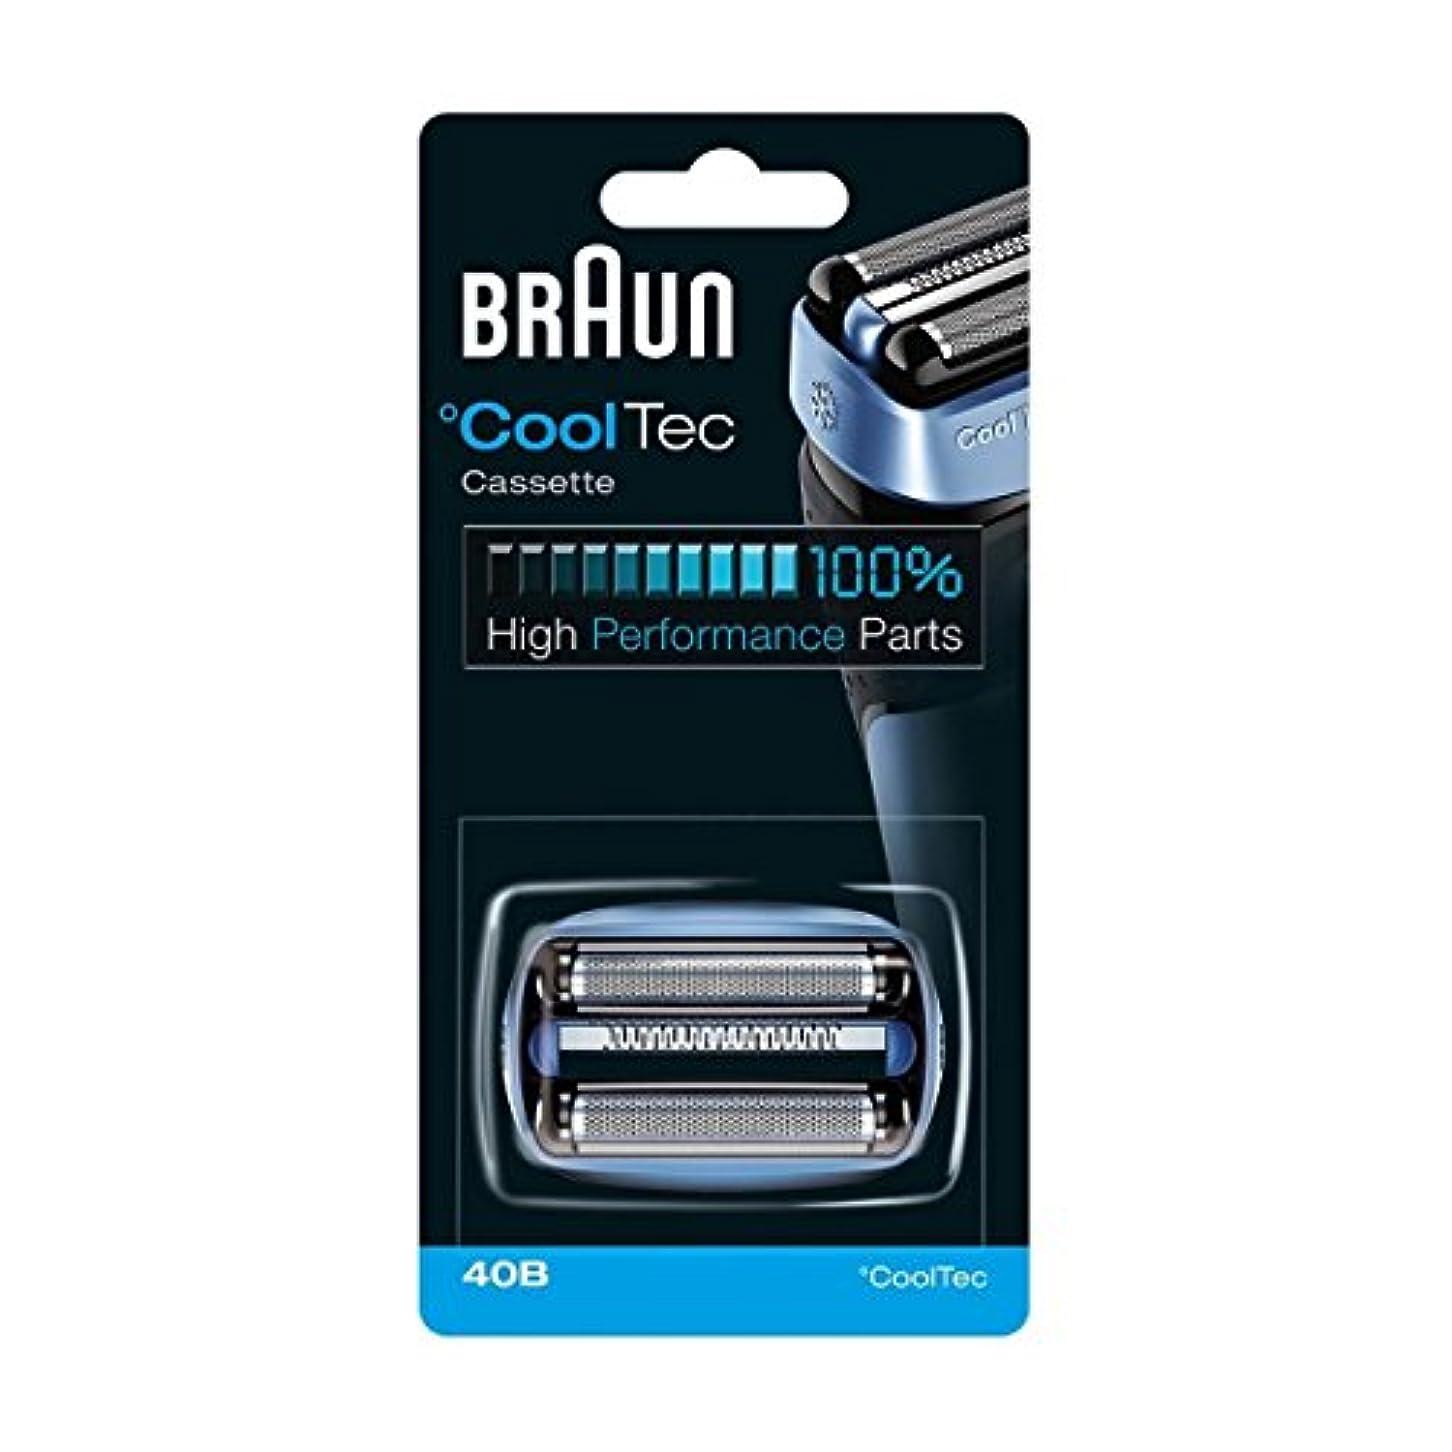 モーション文句を言う機密【並行輸入品】BRAUN 40B Foil and Cutter Replacement Cartridge for CoolTec shavers series